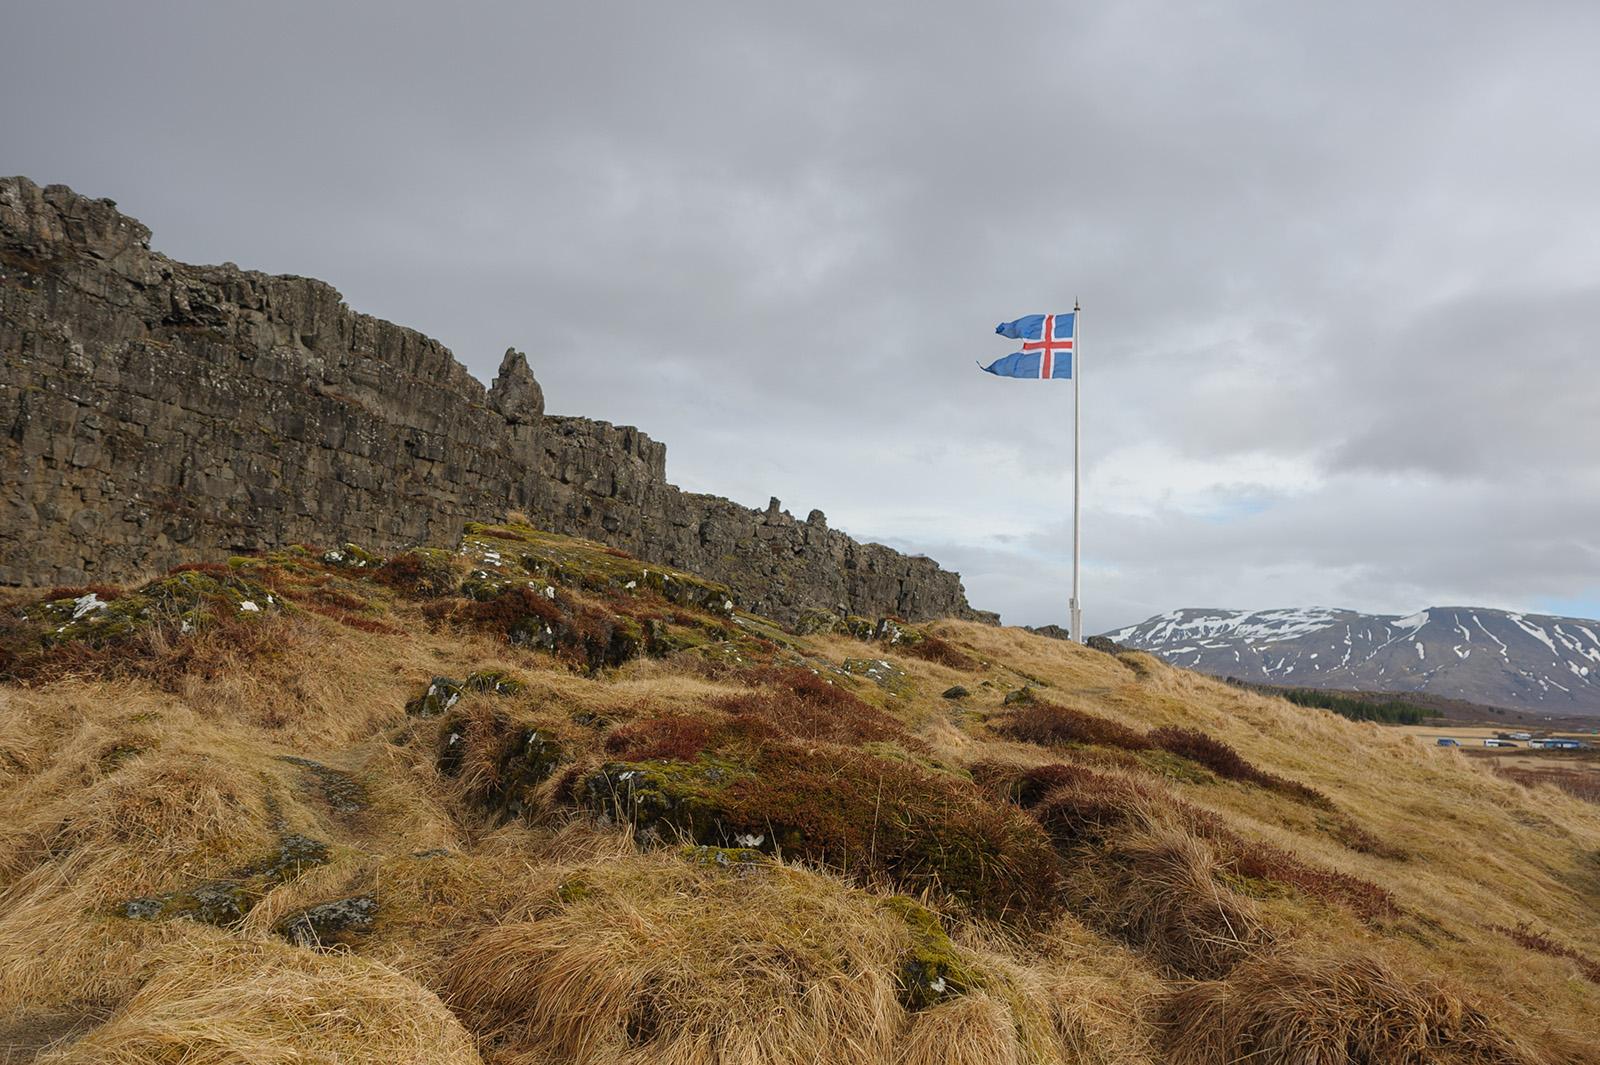 Þingvellir. Цвета флага связывают с исландским пейзажем: красный цвет — цвет огня исландских вулканов, белый — цвет льдов и снегов, а синий — цвет вод Атлантического океана, окружающего остров.